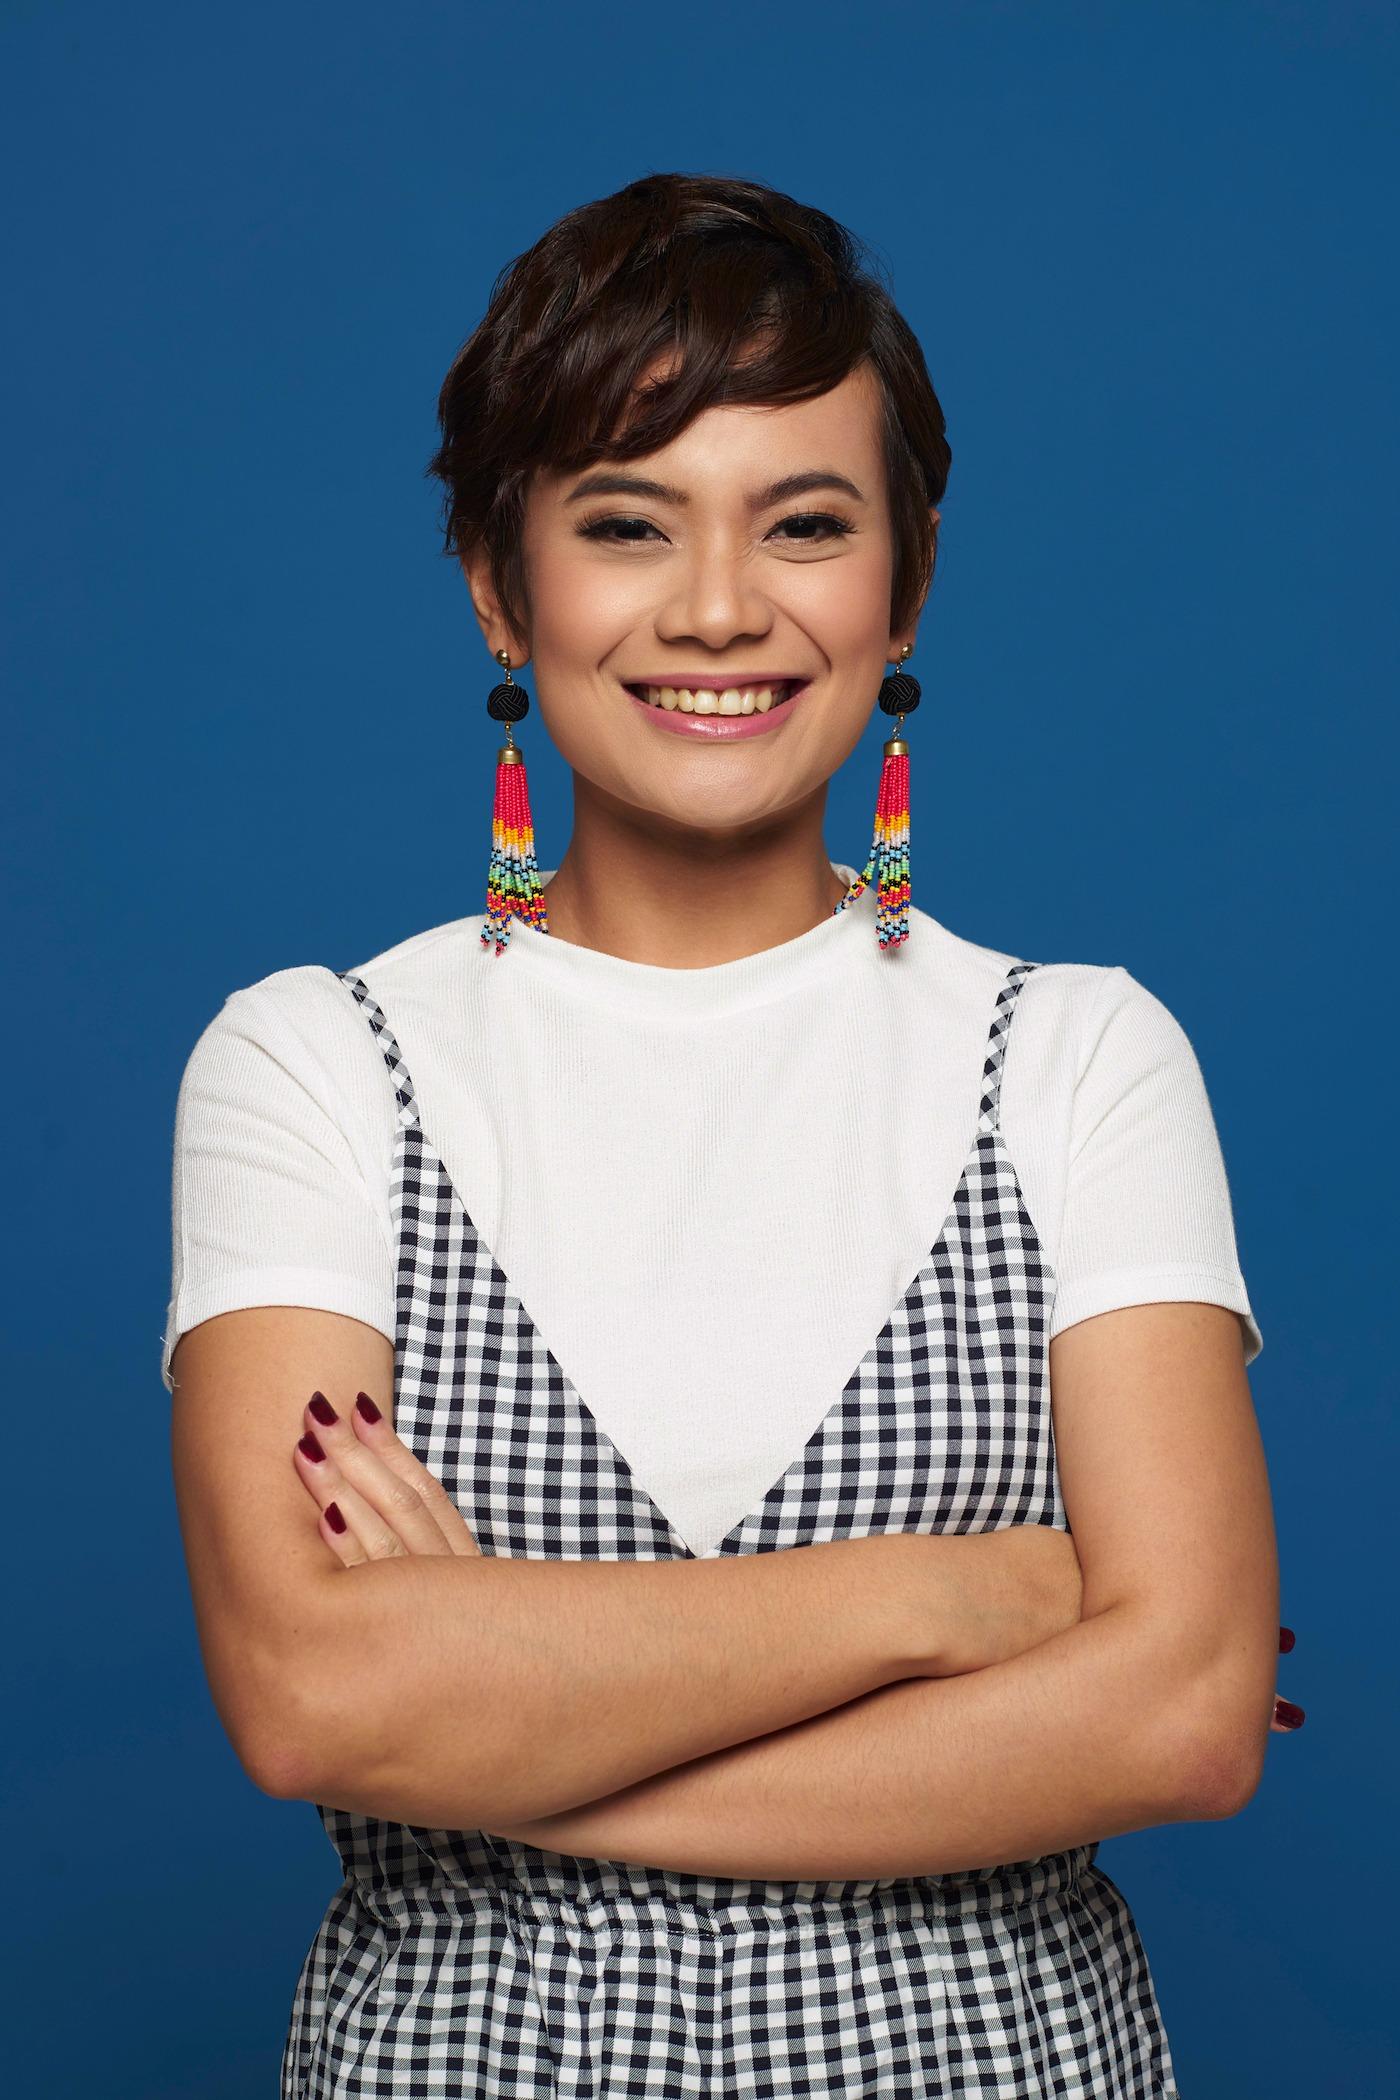 Wanita Asia dengan model rambut messy textured pixie cut